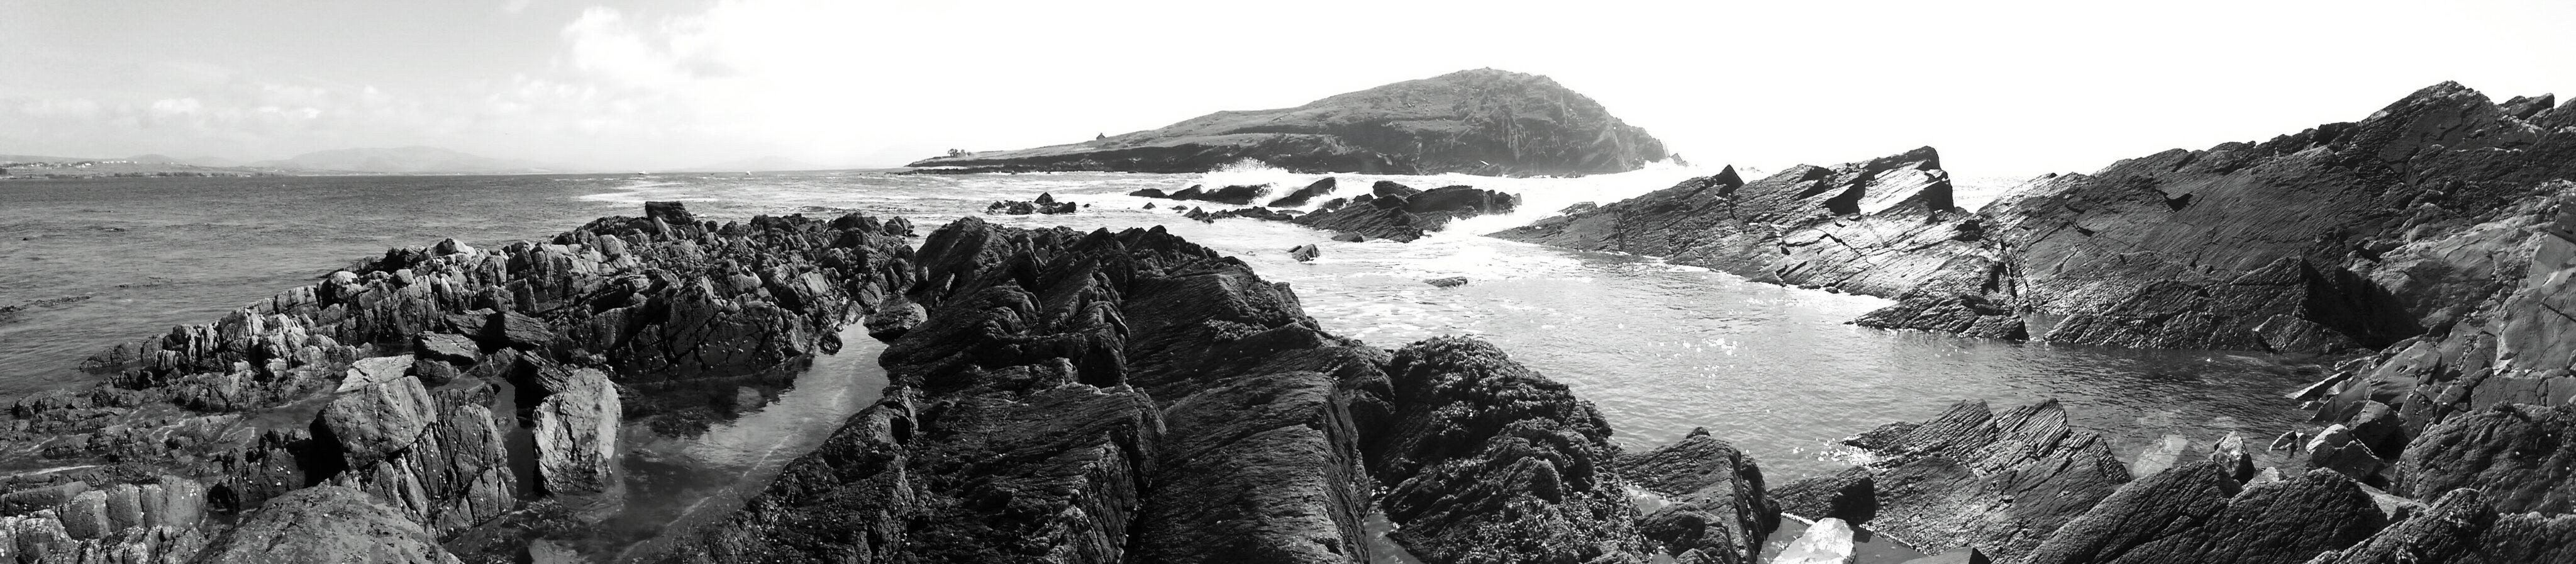 Felsküste im Südwesten Irlands